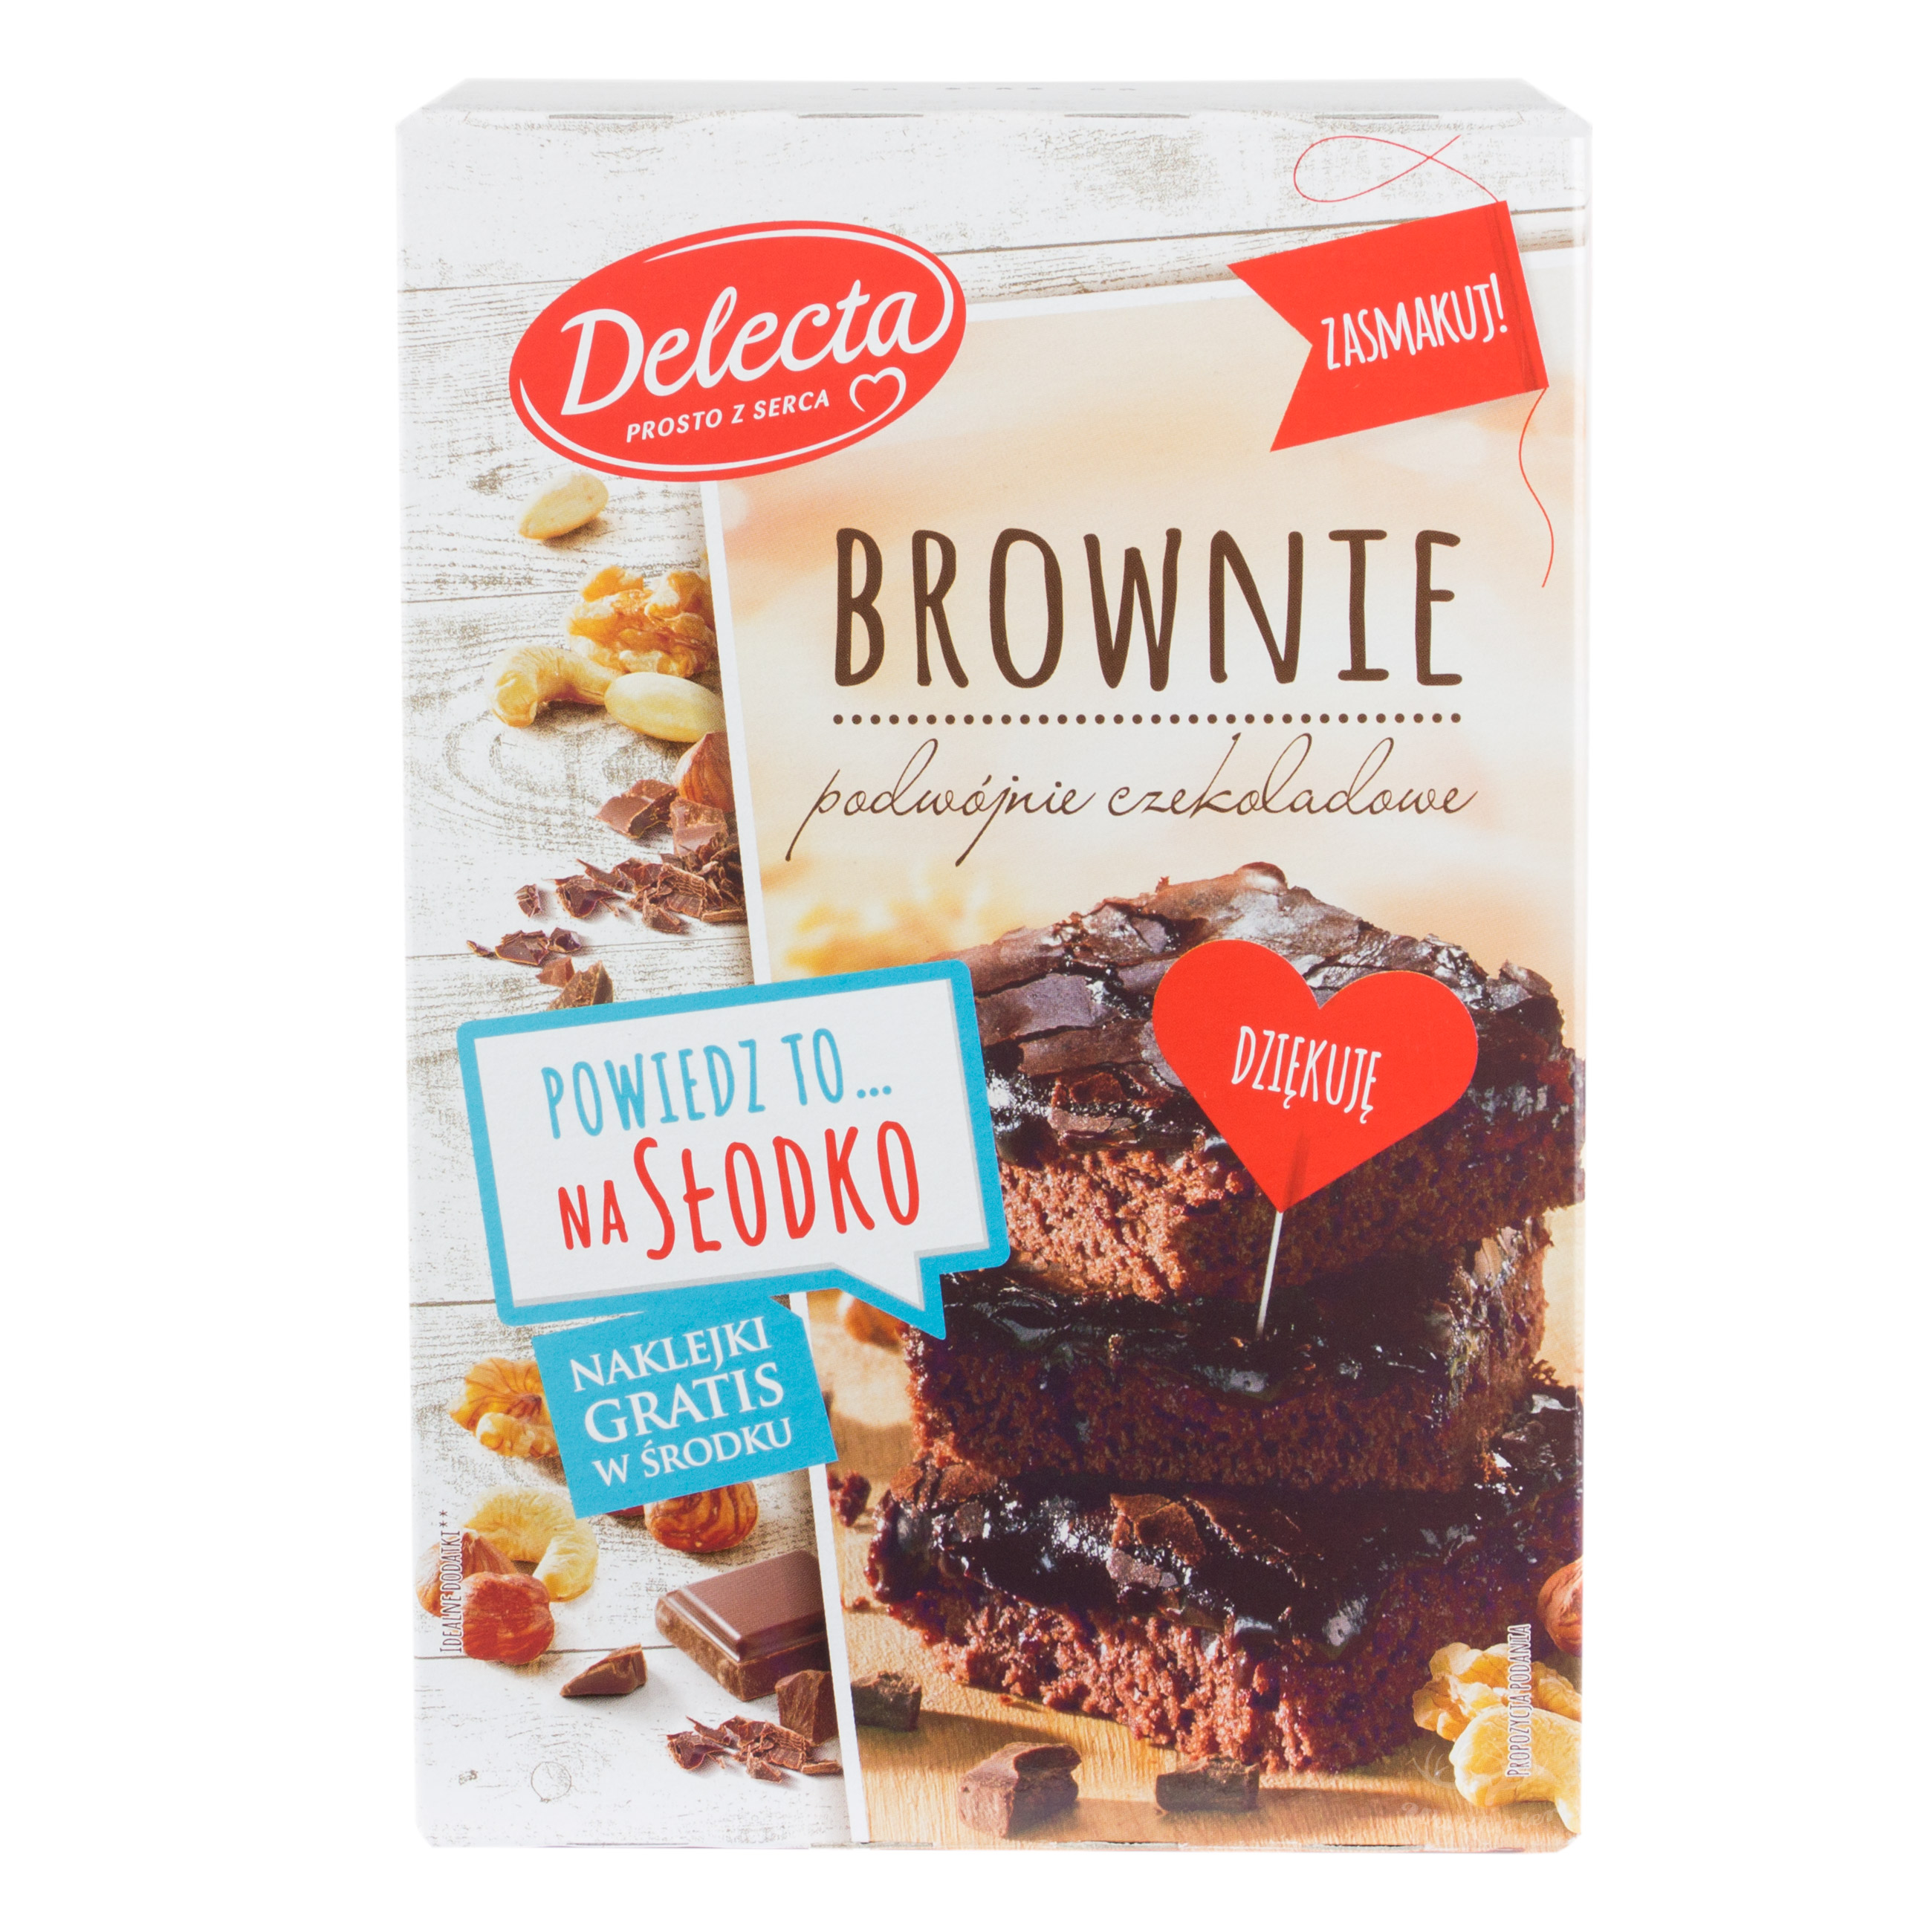 Delecta Brownie Kuchen Doppelschokolade 550g Polnische Desserts